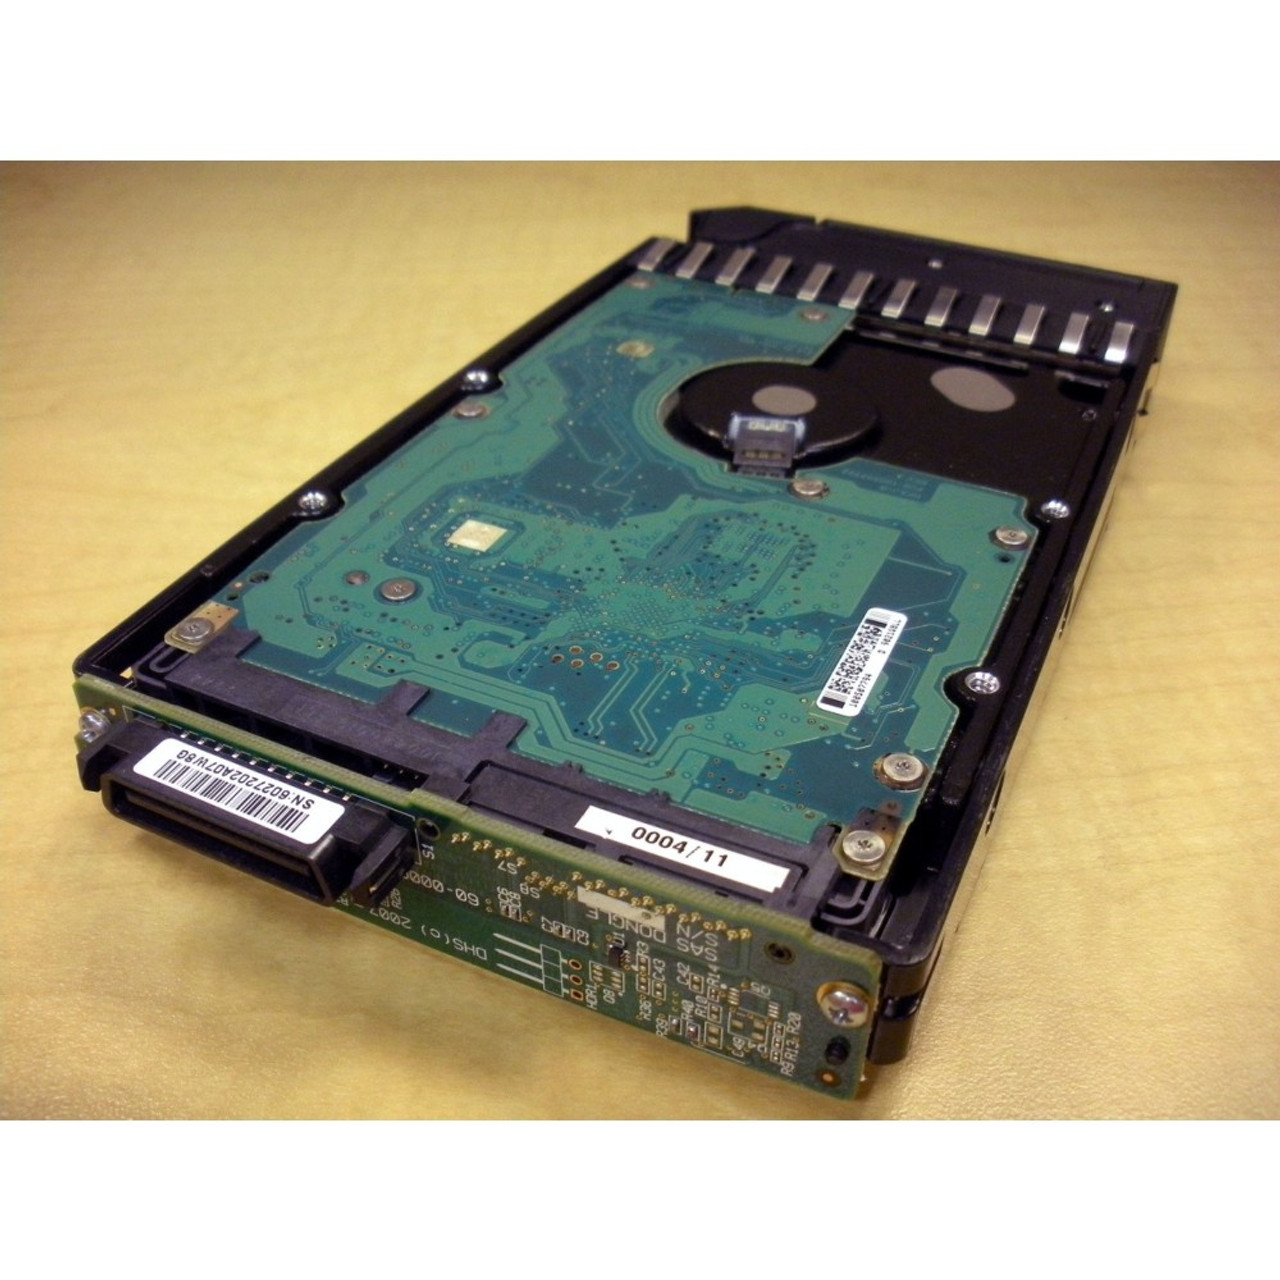 HP//COMPAQ AJ737A 450GB Hard Drive